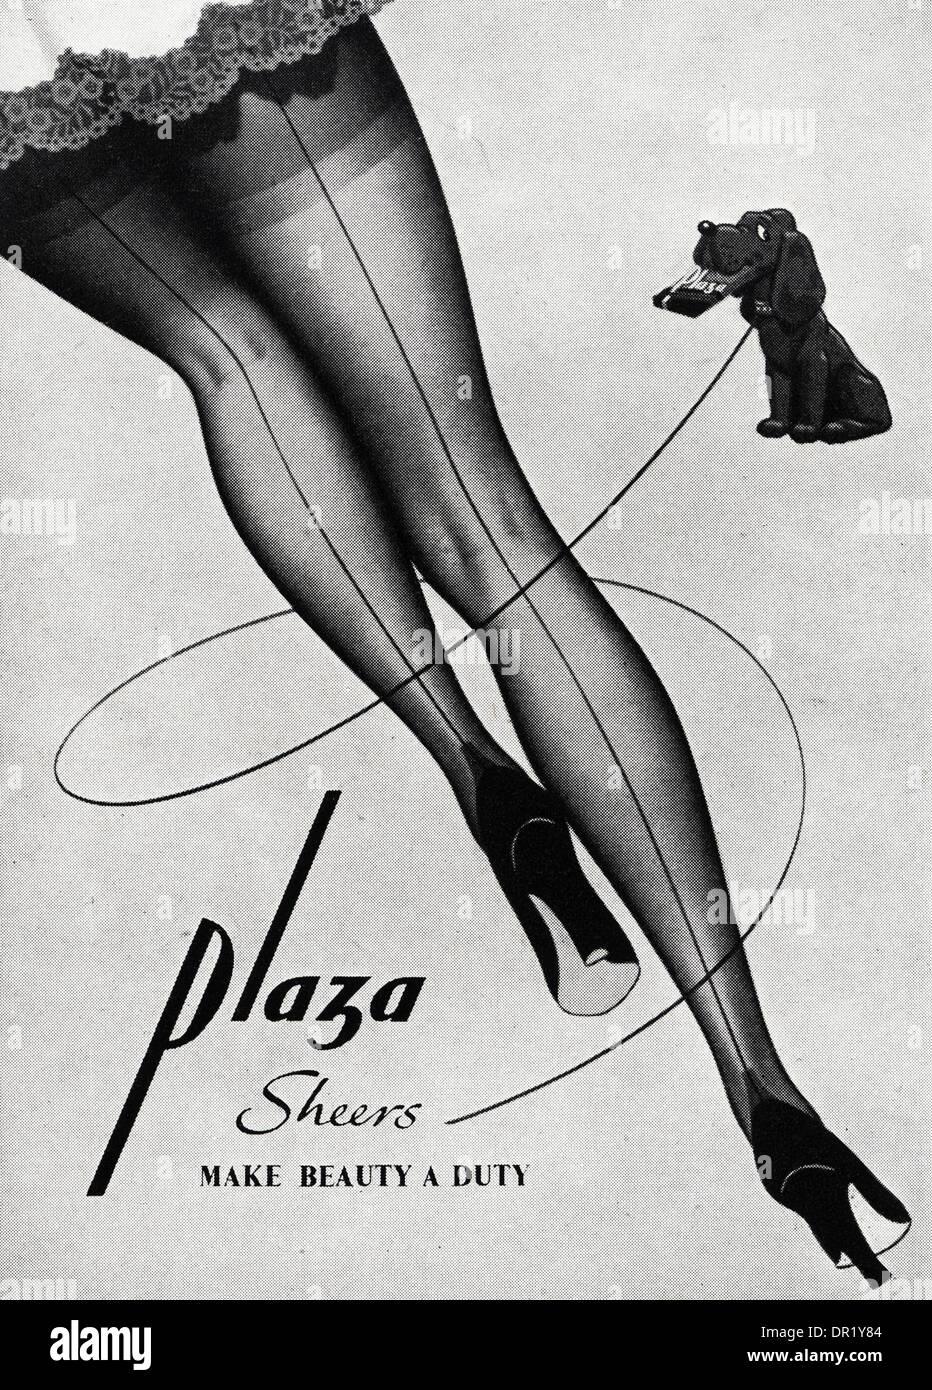 1950er Jahre Werbung Werbung PLAZA Strümpfe. Anzeige in Womens Fashion-Magazin ca. 1952. Stockbild